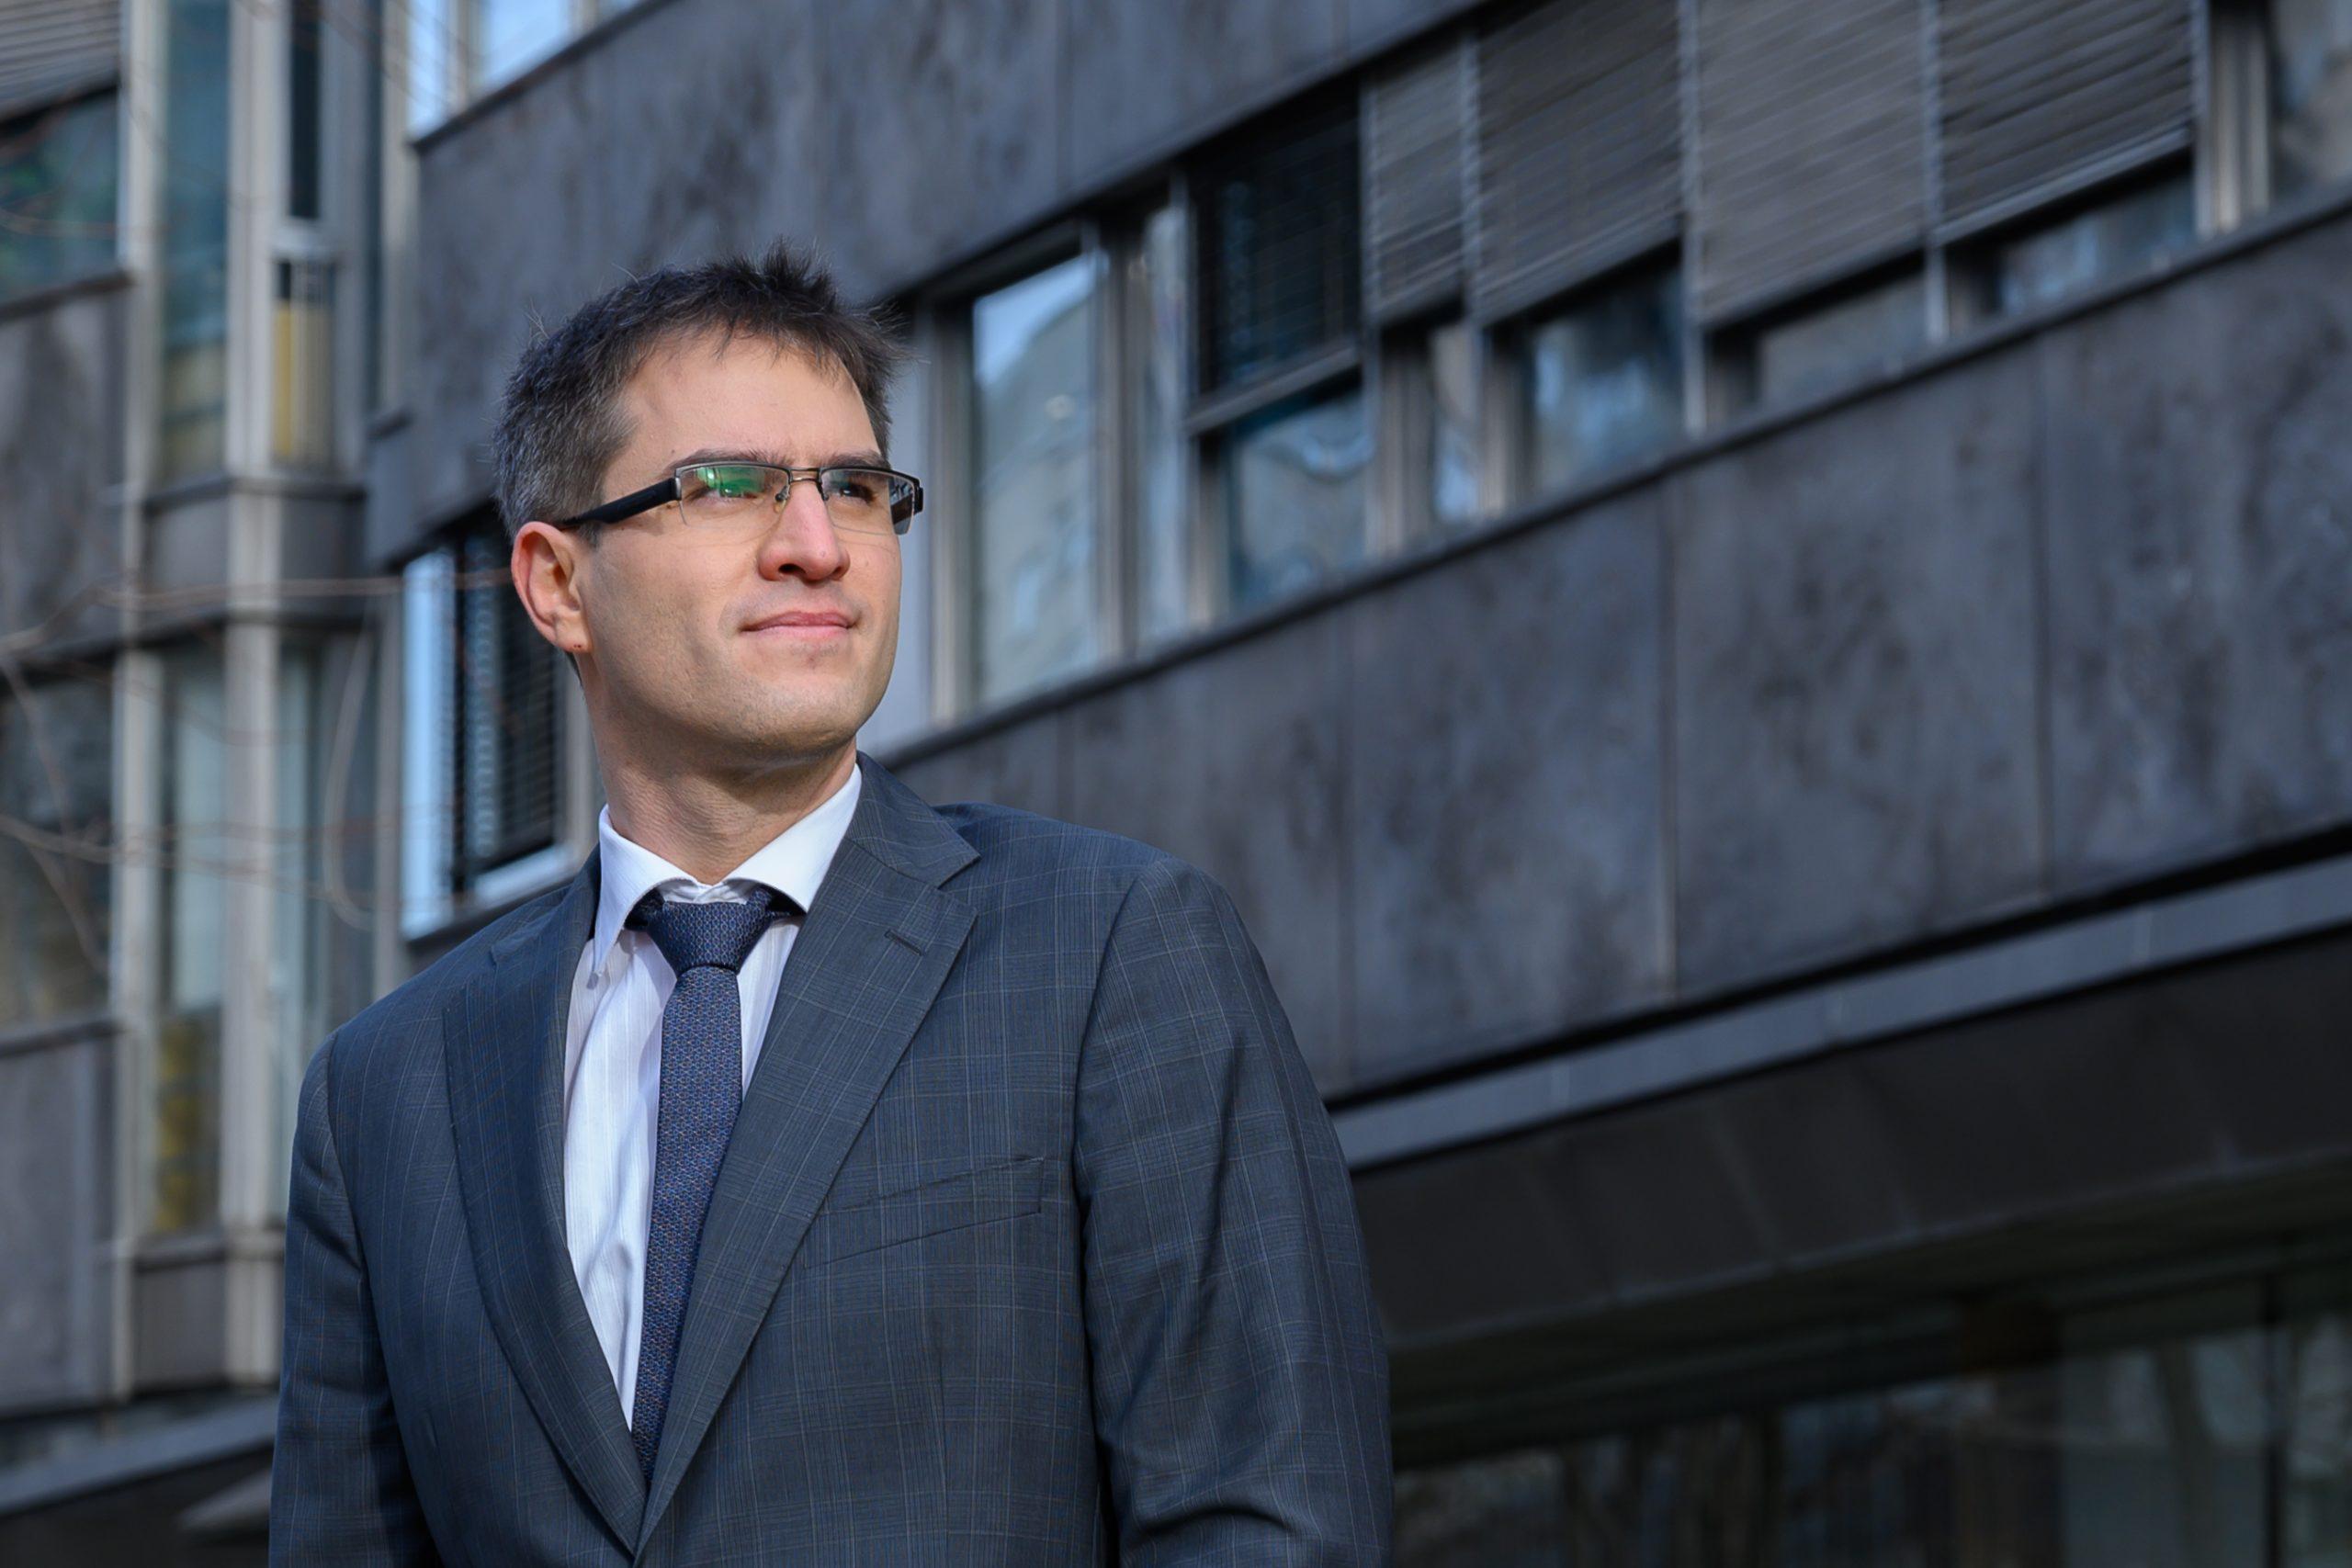 generalni direktor RTV Slovenija Andrej Grah Whatmough